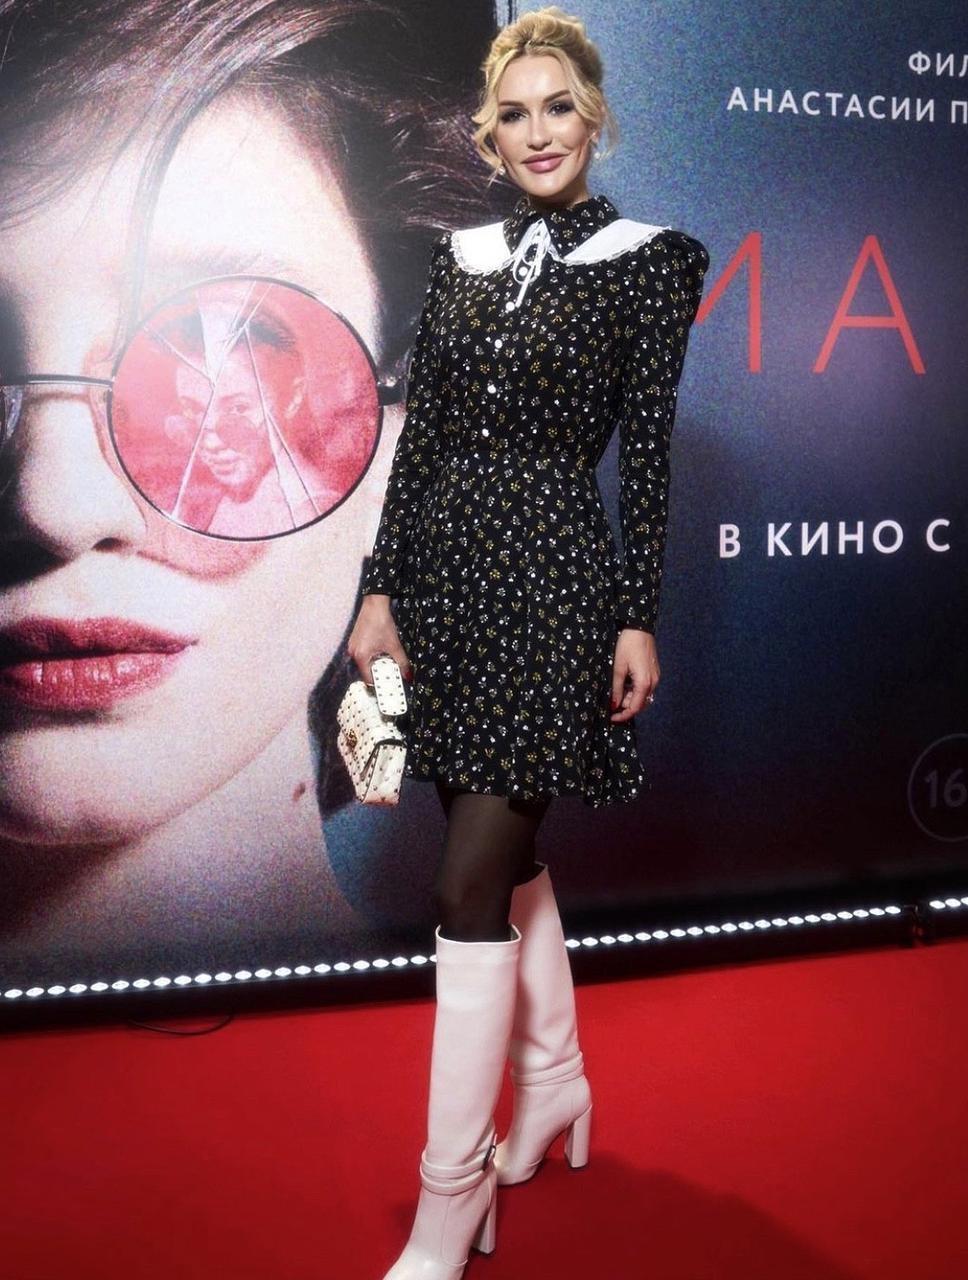 Таша Белая заставила задуматься папарацци, приехав на премьеру фильма в гордом одиночестве